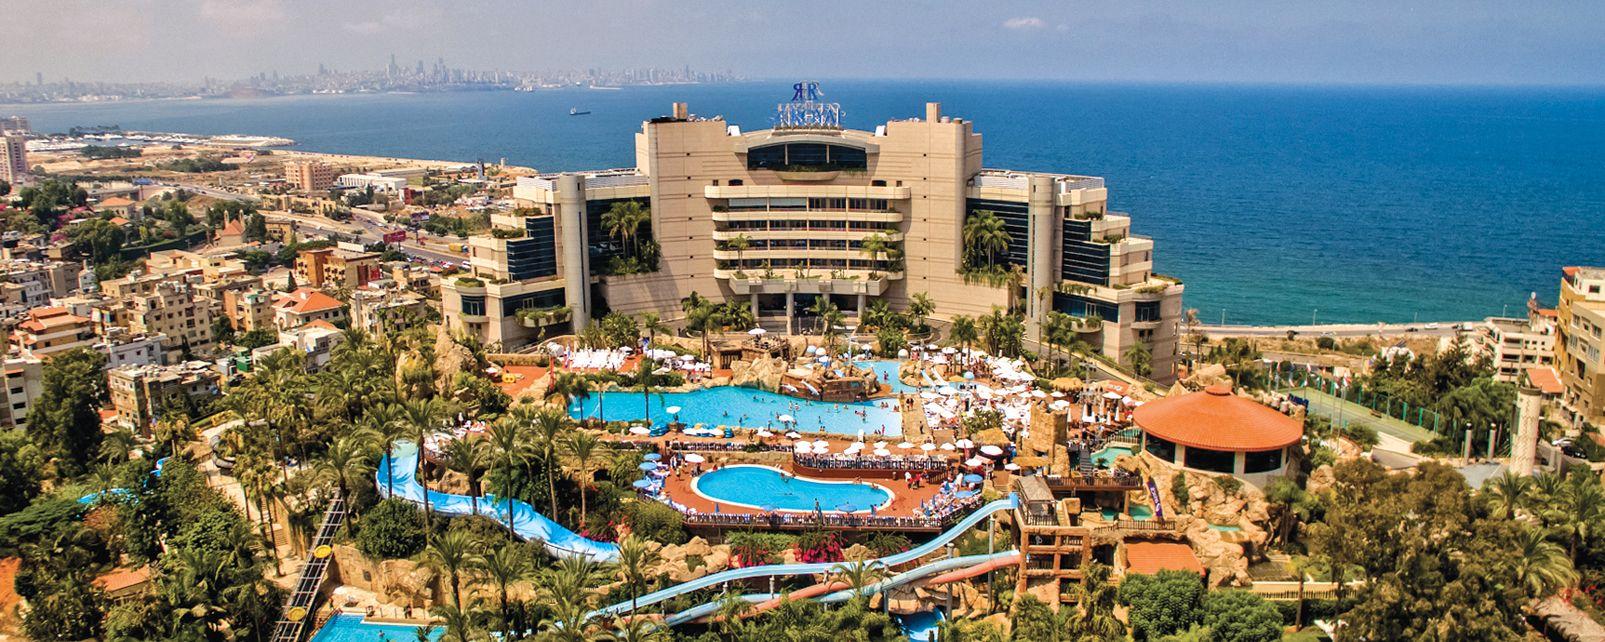 Hôtel Le Royal Beyrouth